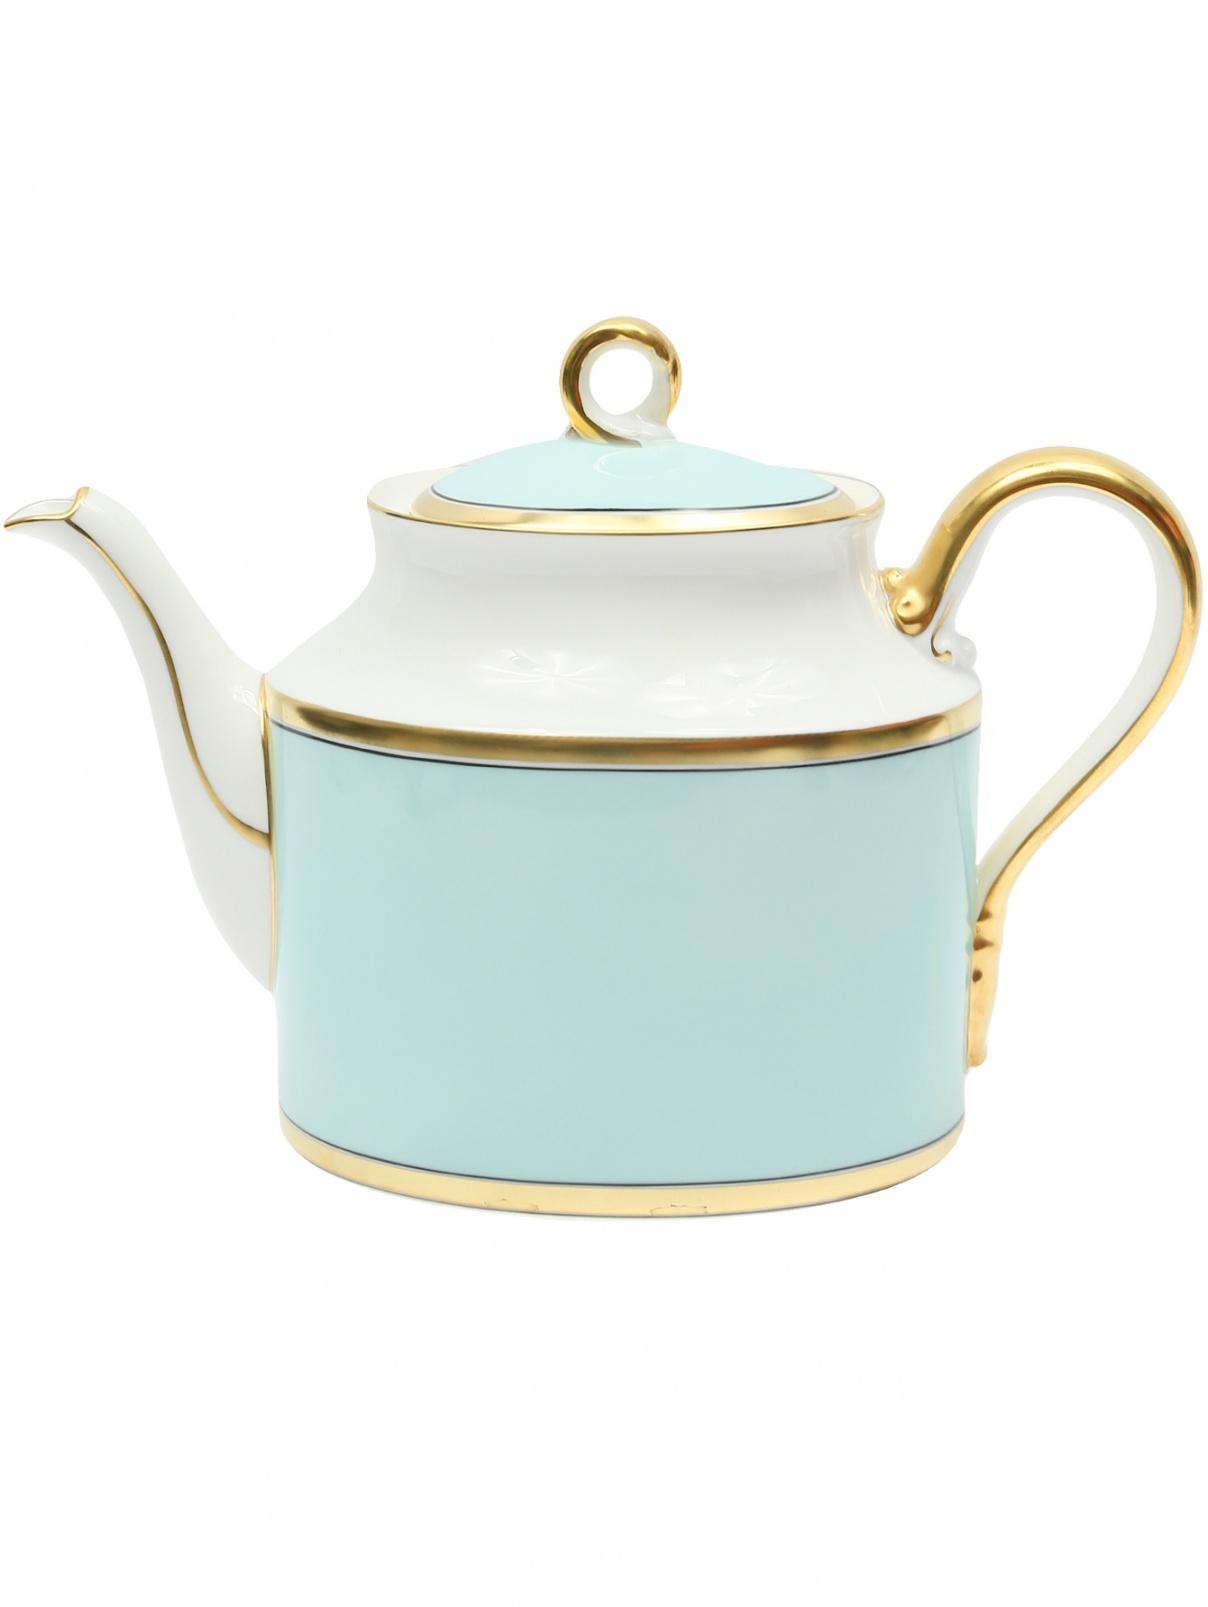 Фарфоровый чайник с золотой окантовкой Richard Ginori 1735  –  Общий вид